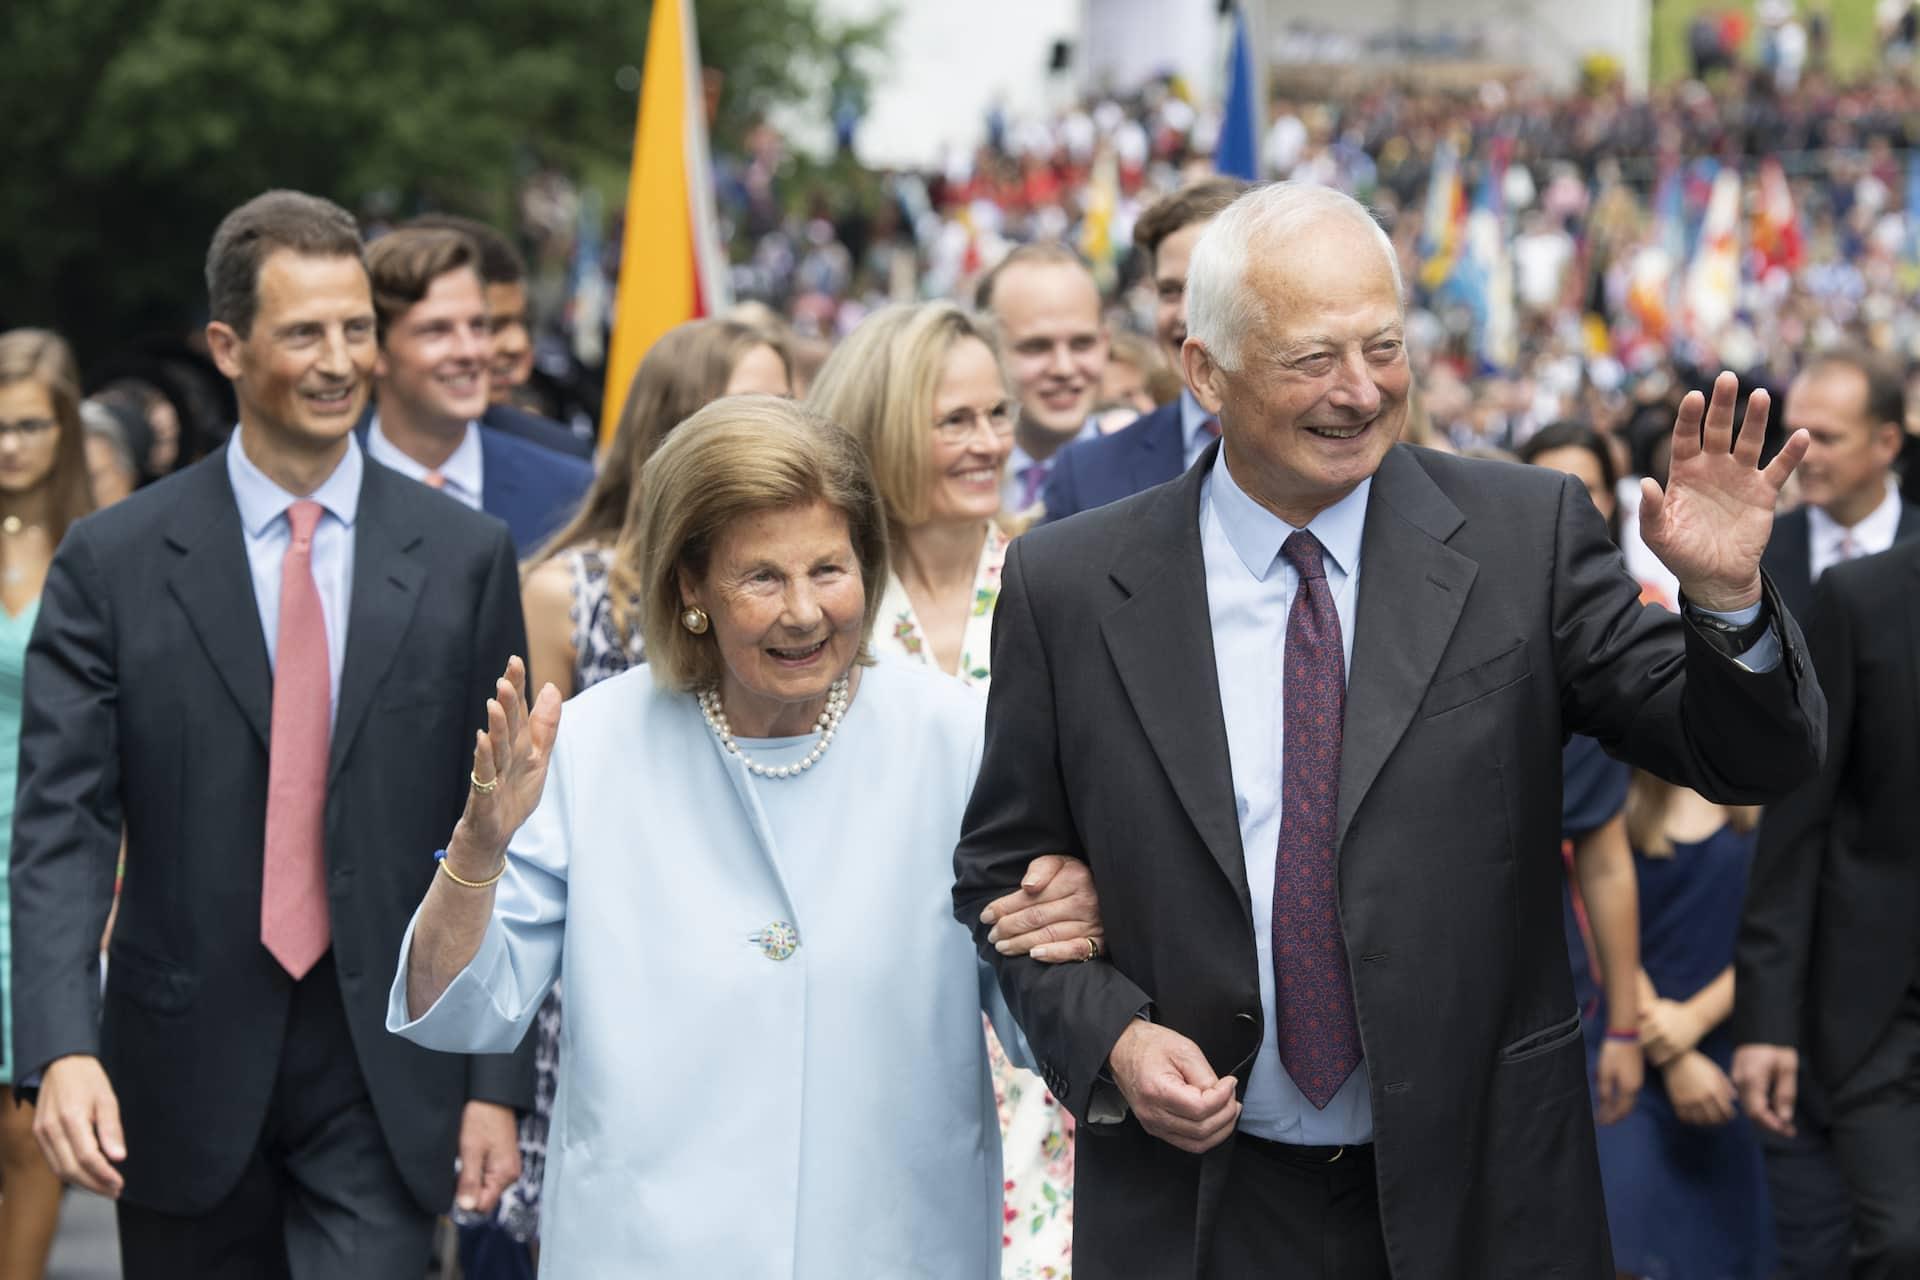 Fürstin Marie von und zu Liechtenstein ist gestorben